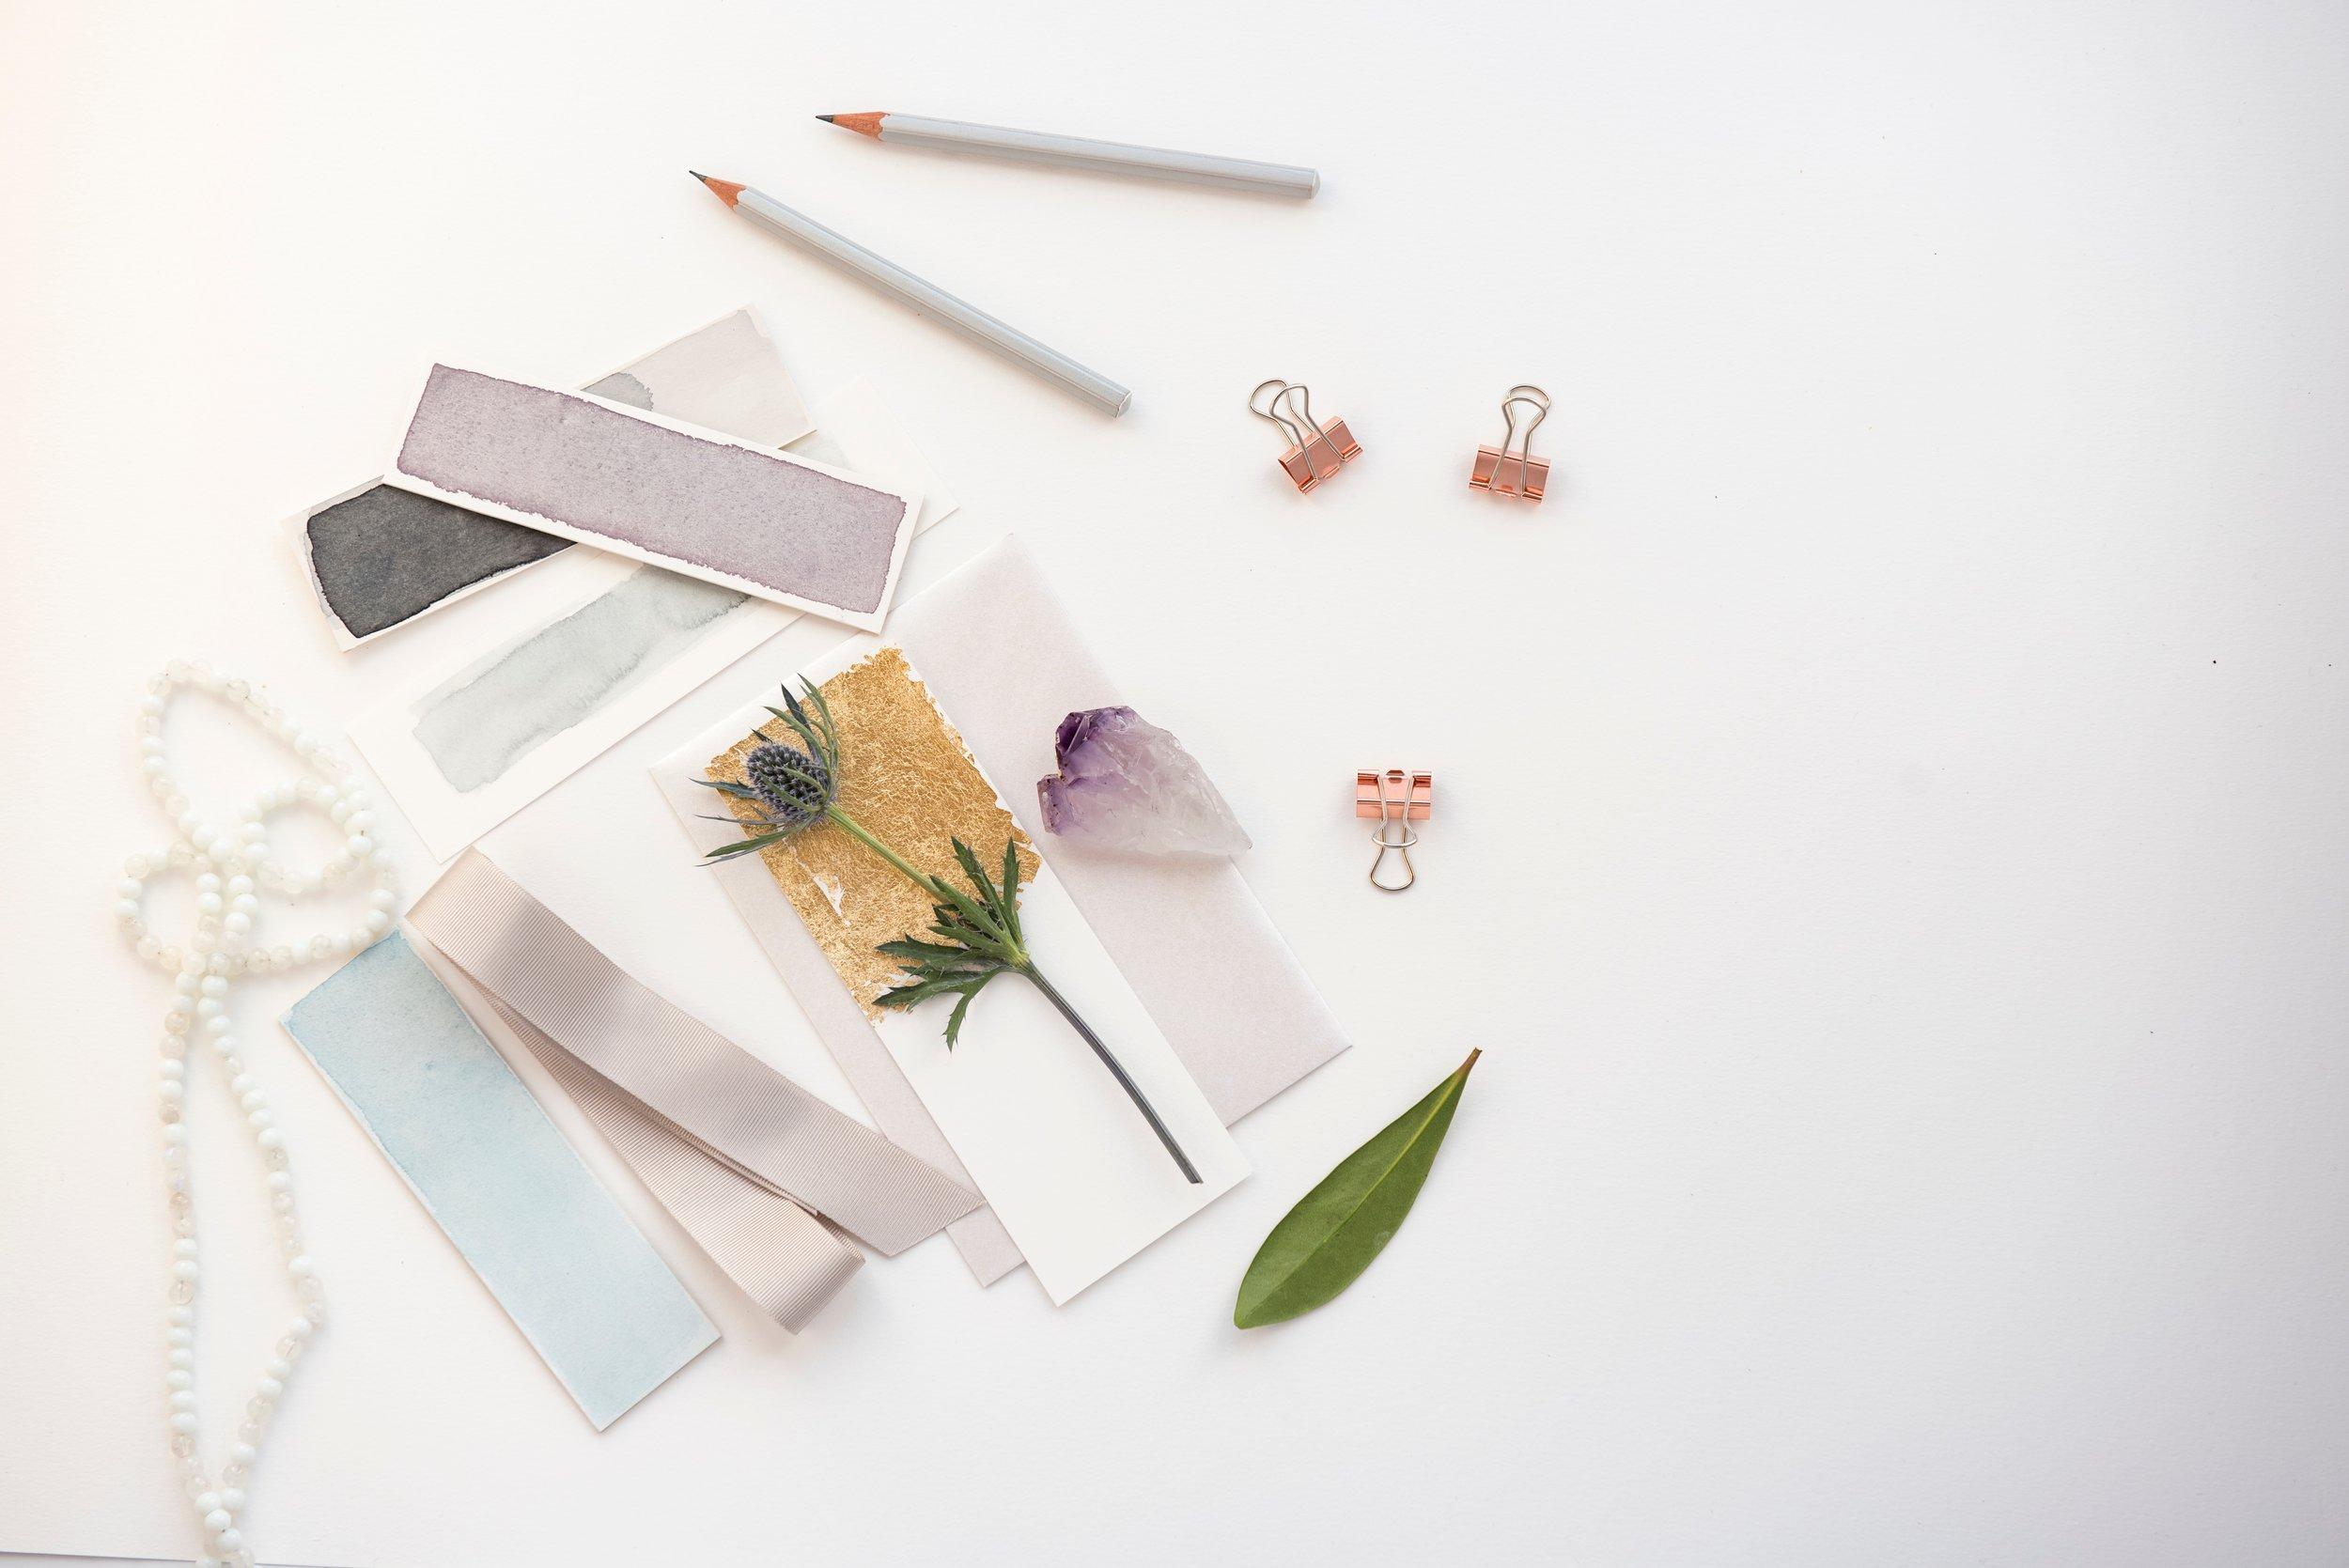 Big Hello Social Co.: Squarespace Website Design, Brand Identity Design, Social Media Management